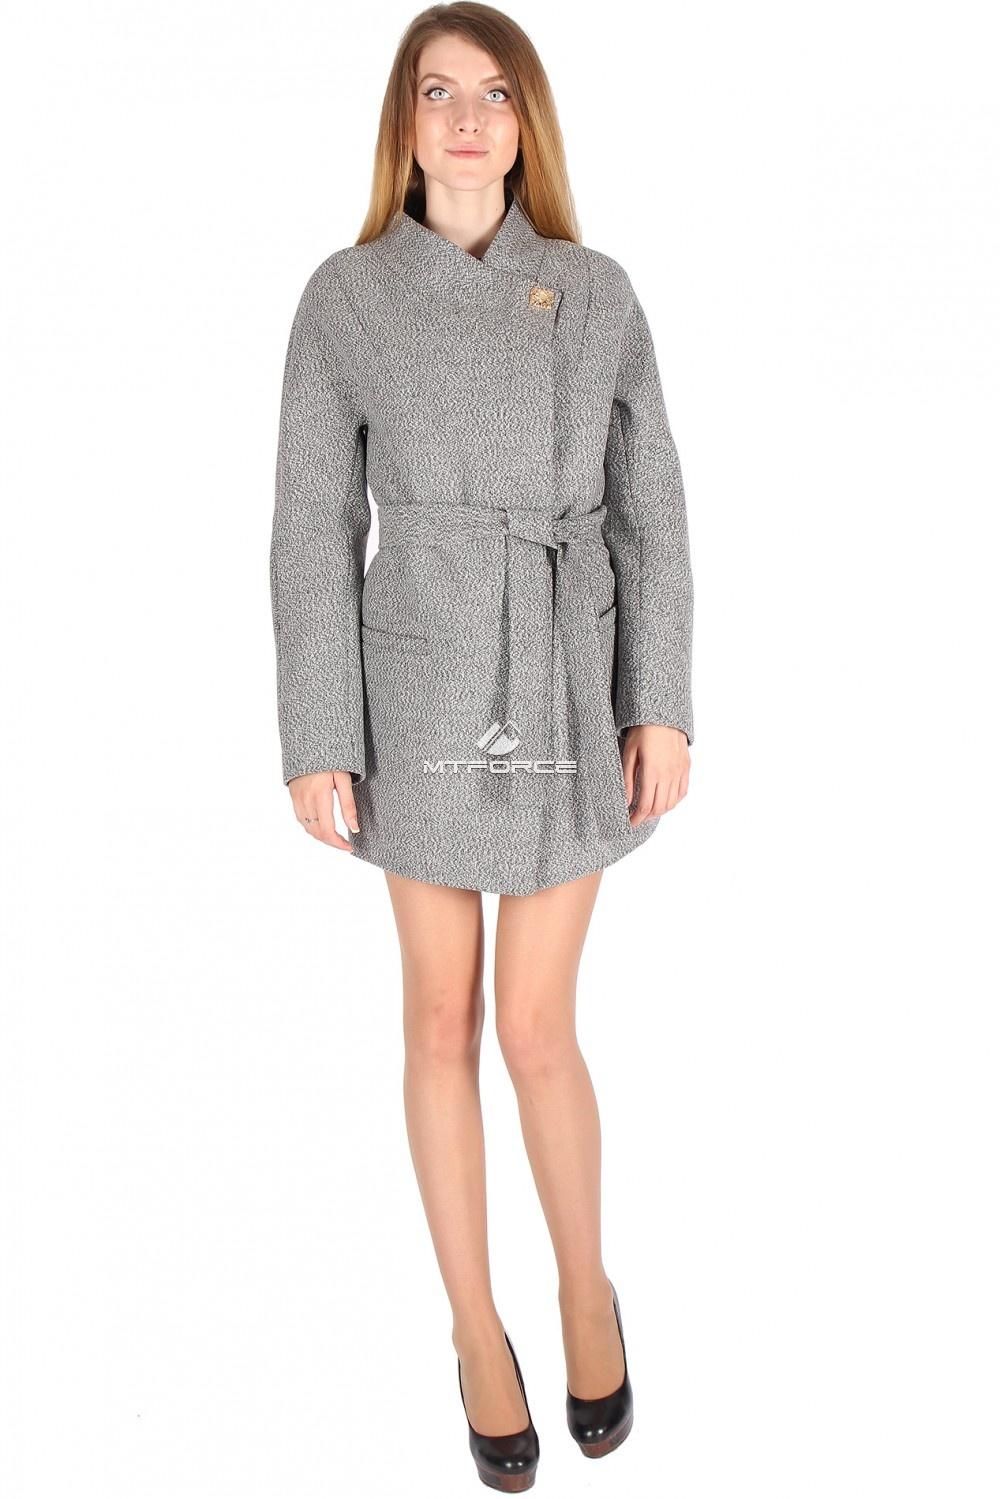 Купить                                  оптом Полупальто женское серого цвета 16309Sr-1